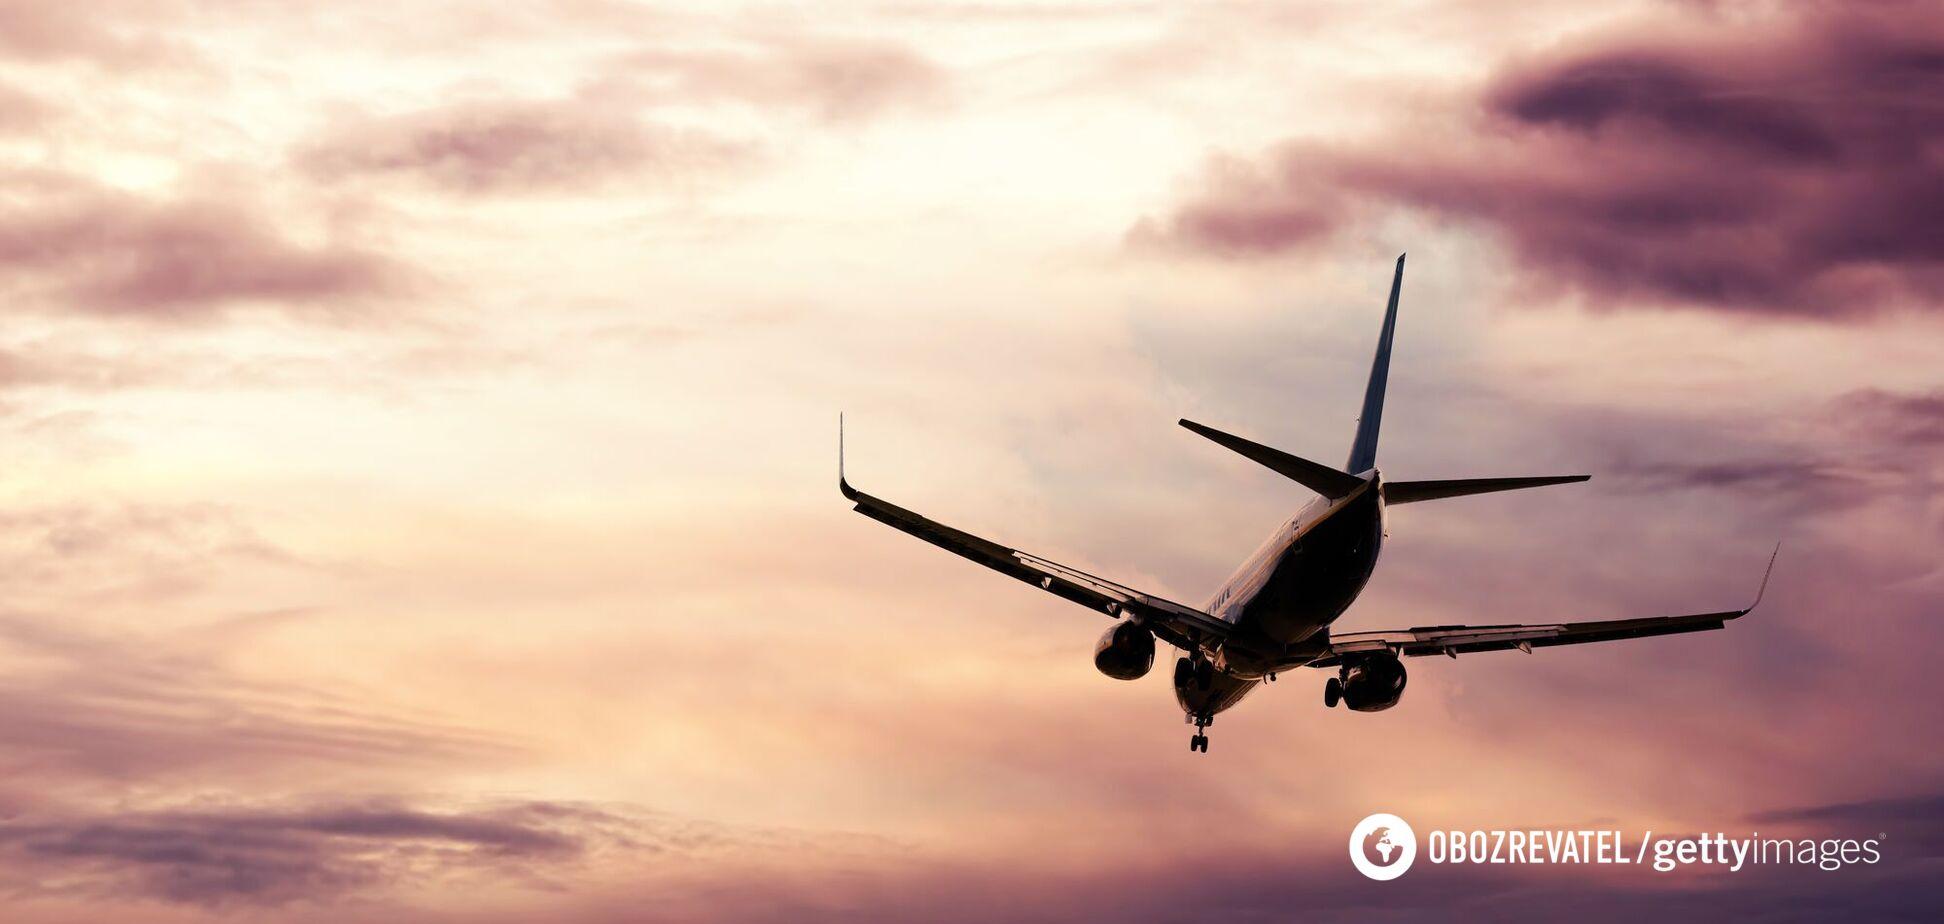 Румунія тимчасово зупинила авіасполучення з Україною